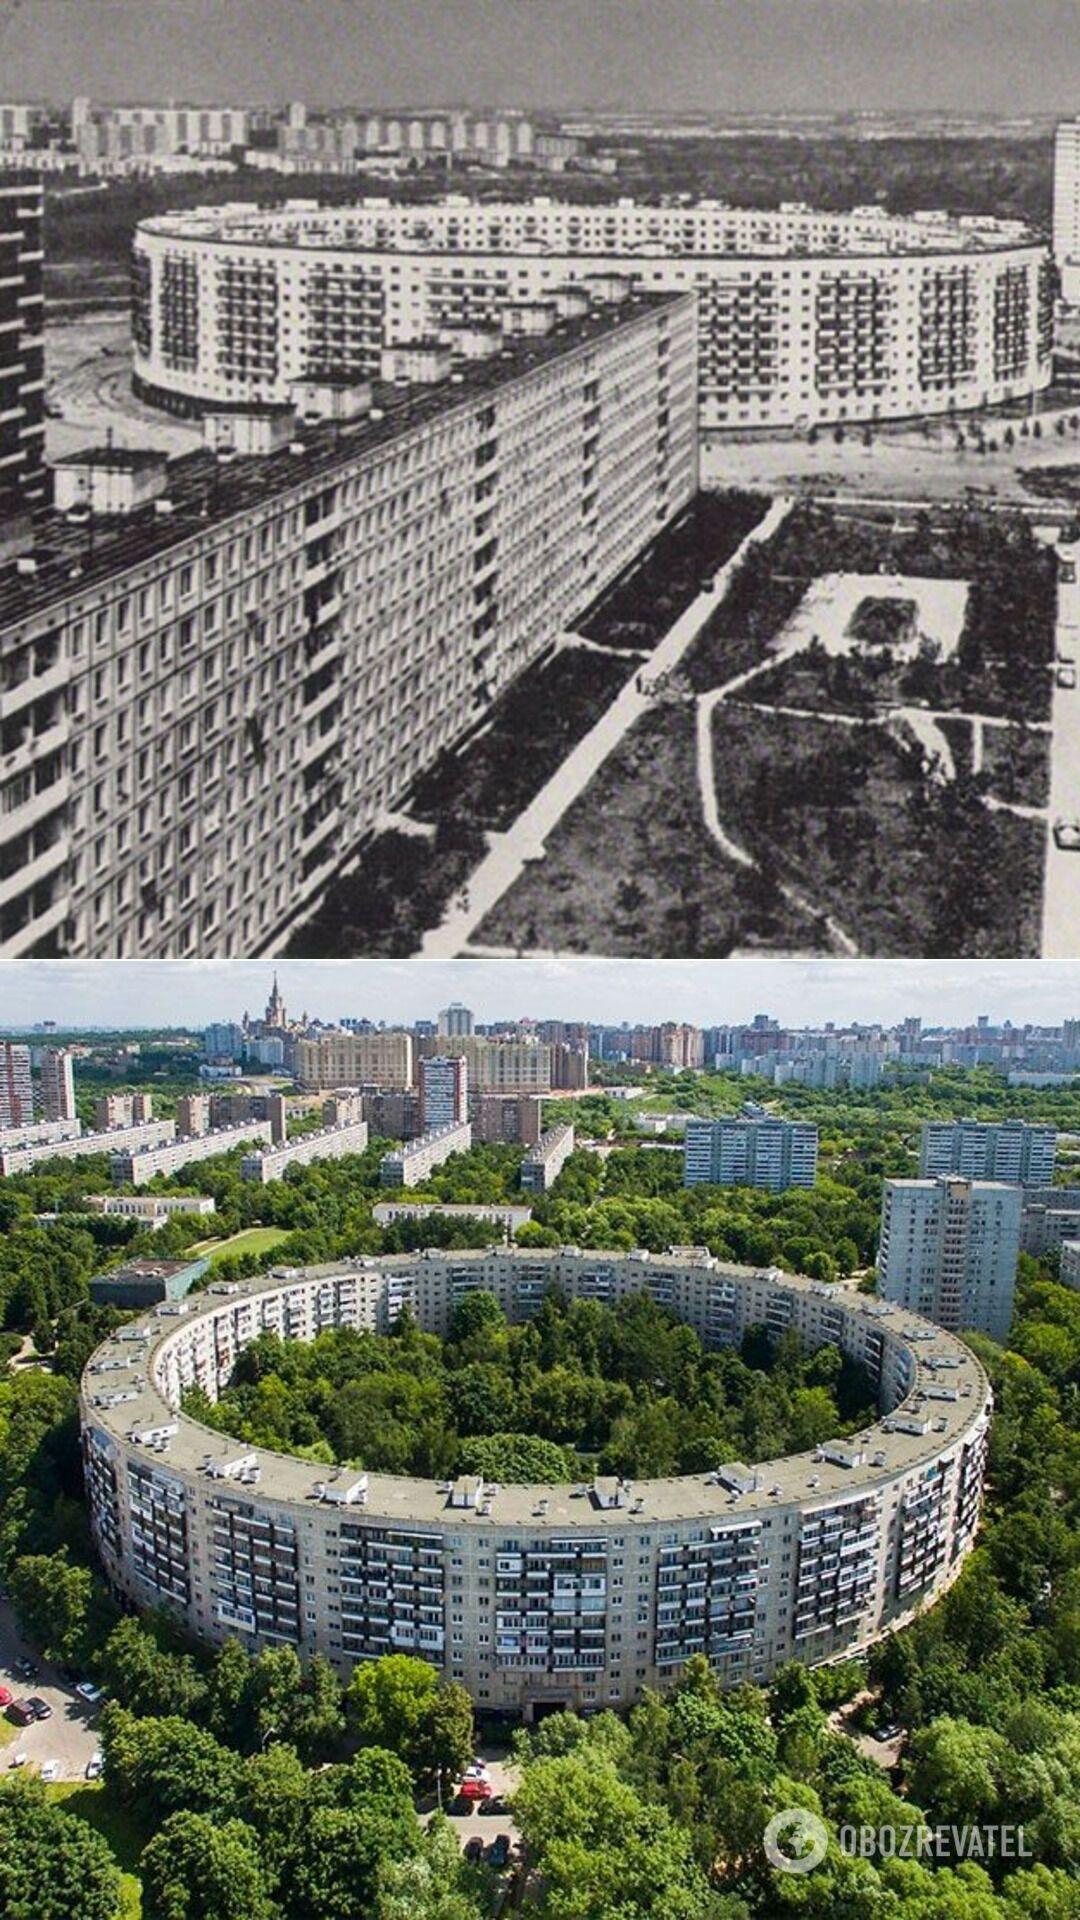 """Два """"дома-кольца"""" или """"дома-бублика"""", Москва (РФ), 60-70-е годы"""